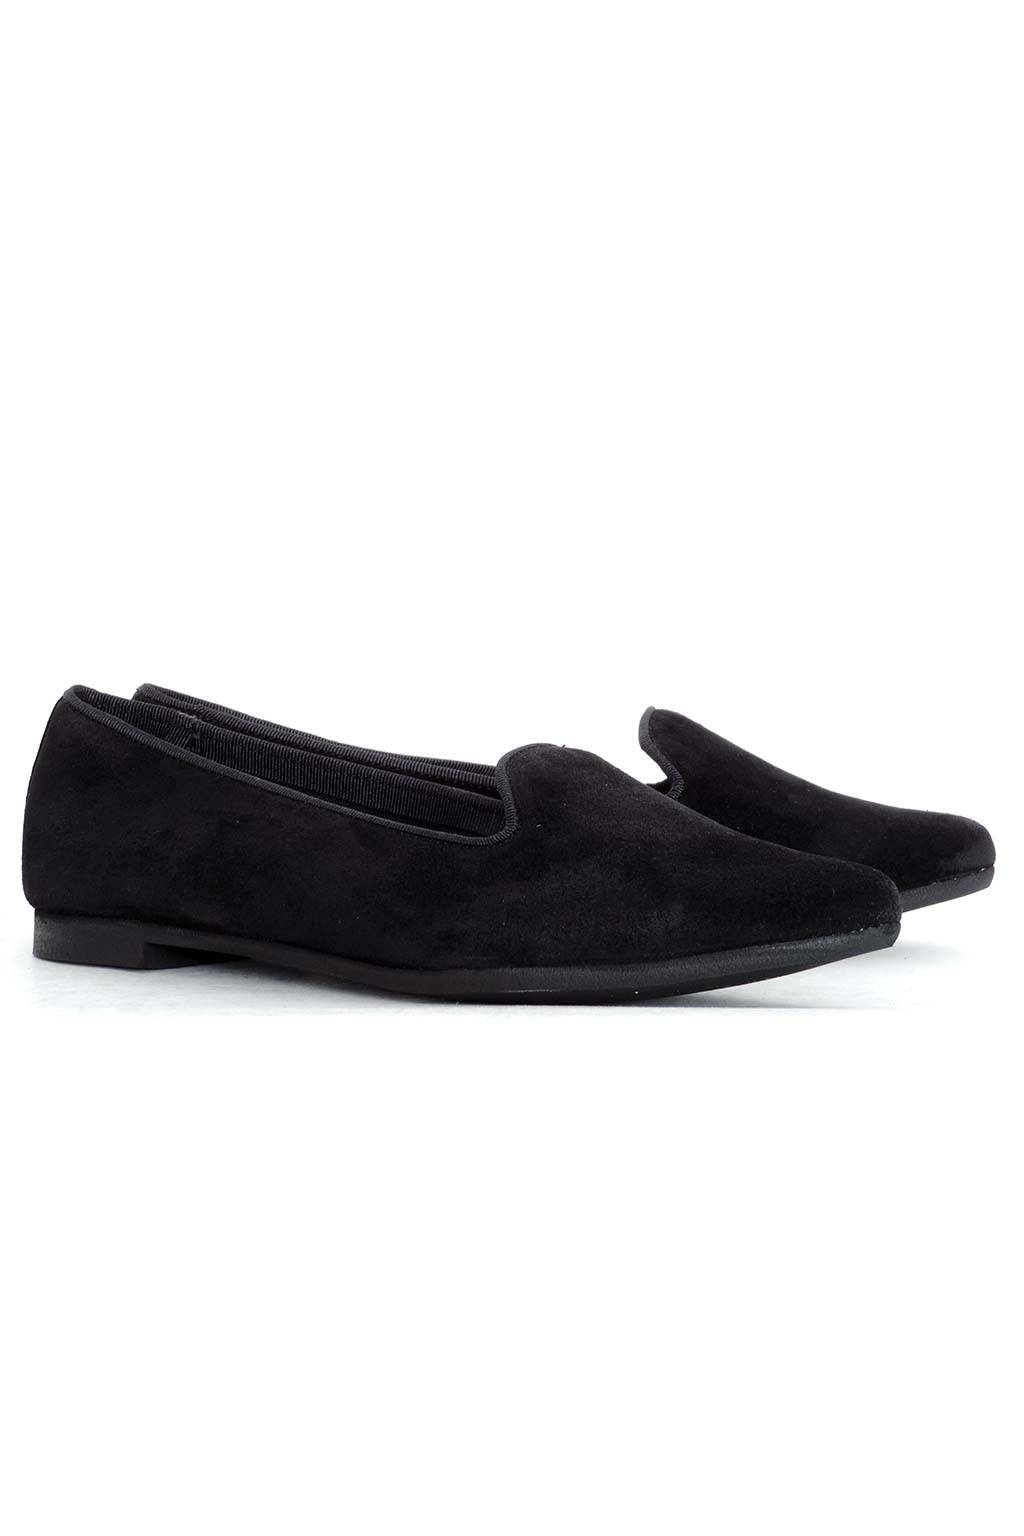 Zapato piel anteada